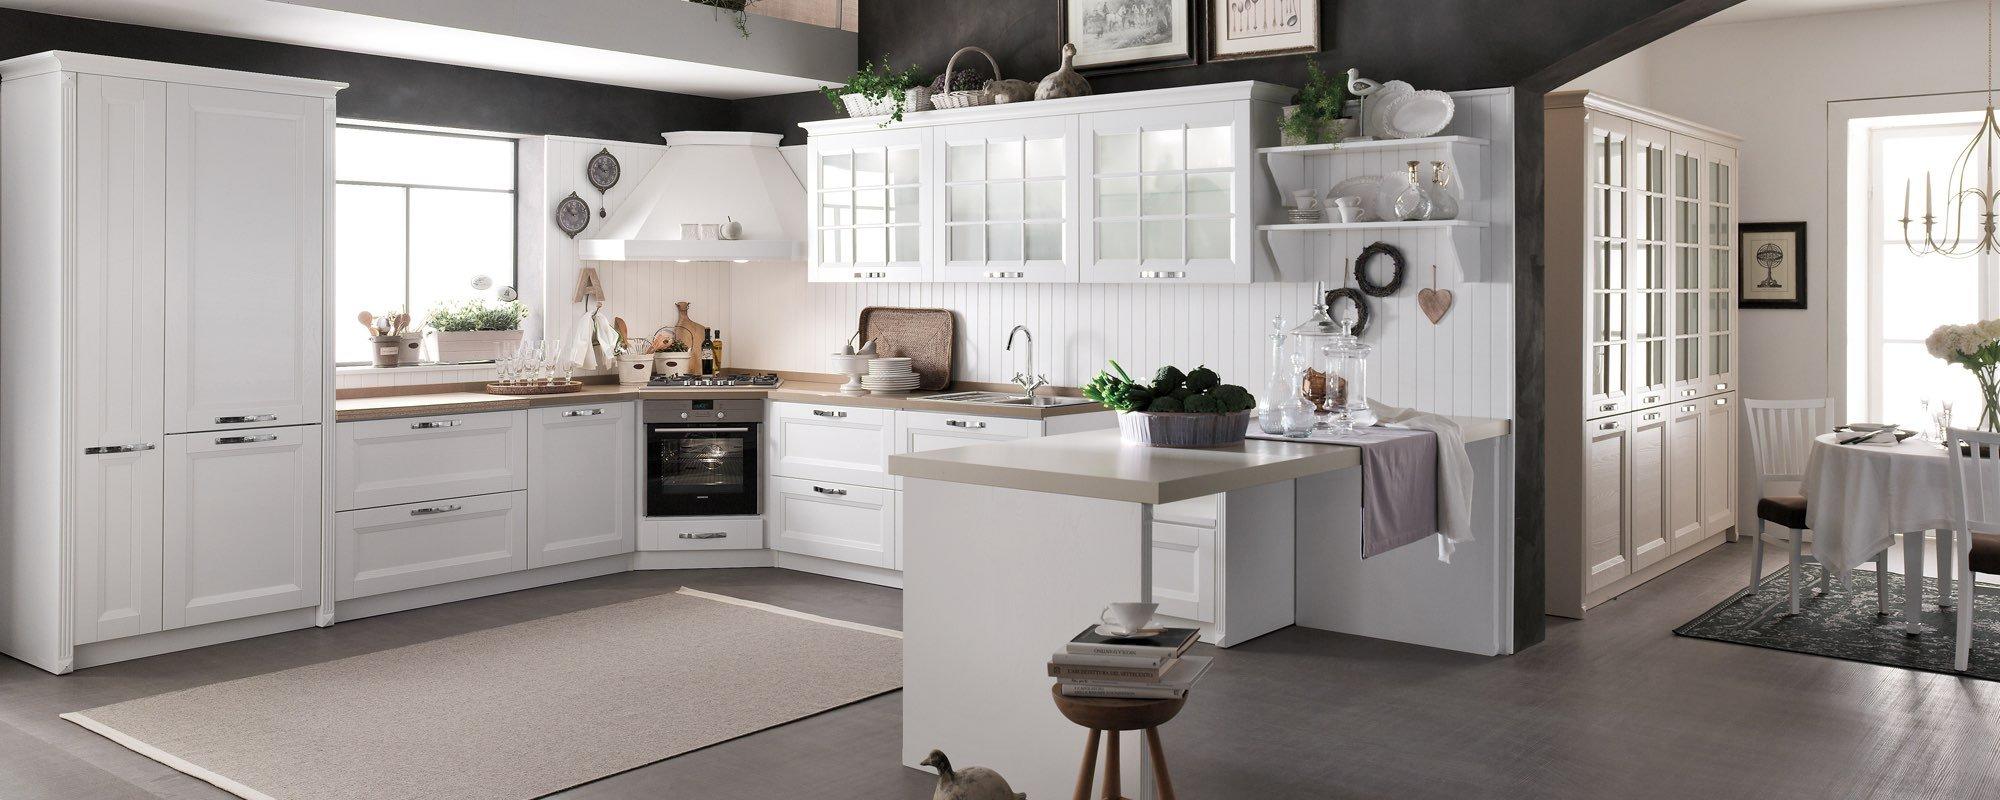 cucina bianca BEVERLY